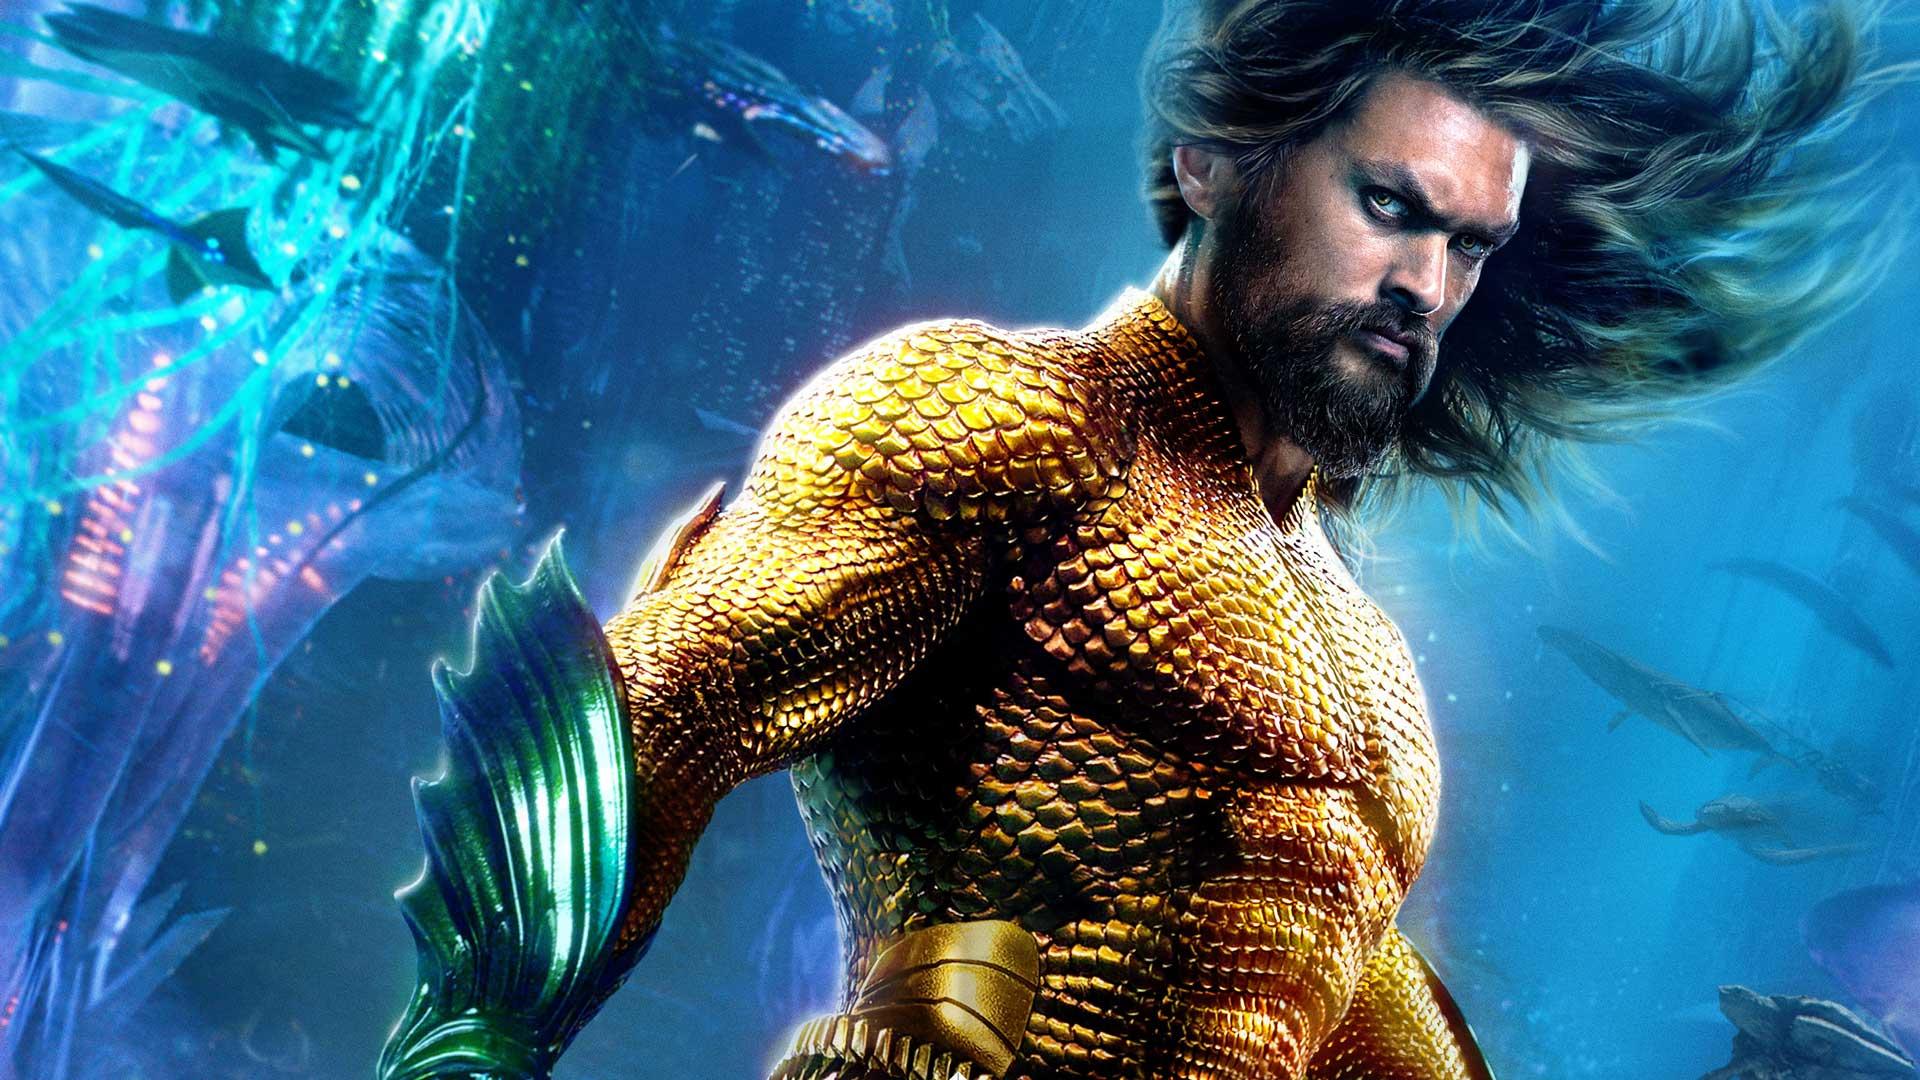 میانگین نمرات فیلم آکوامن - Aquaman